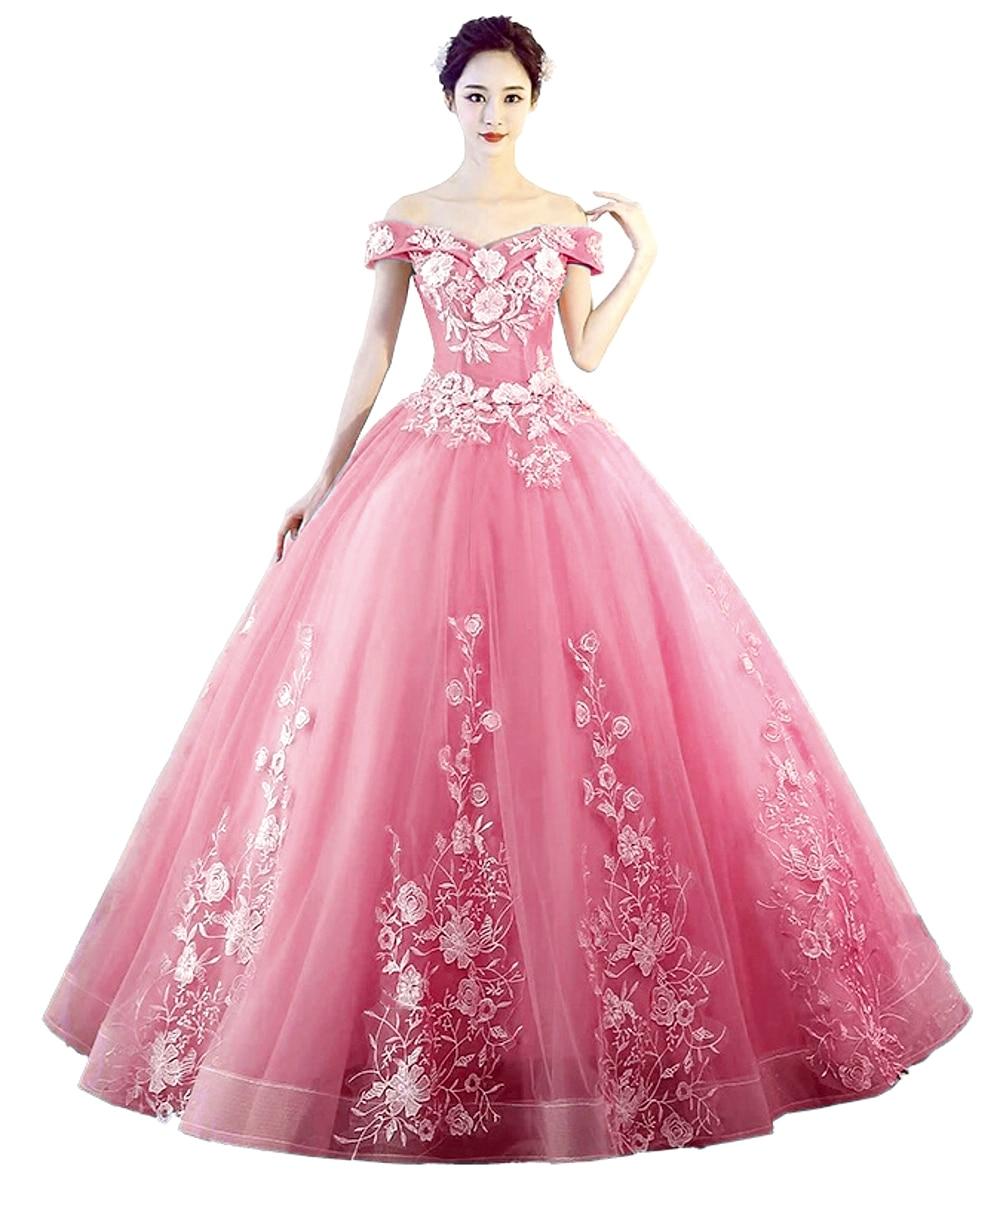 2019 Новый камея коричневый пышное платье из тюля с кружевными аппликациями платье для бала маскарада сладкий 16 платье Vestidos De 15 Anos